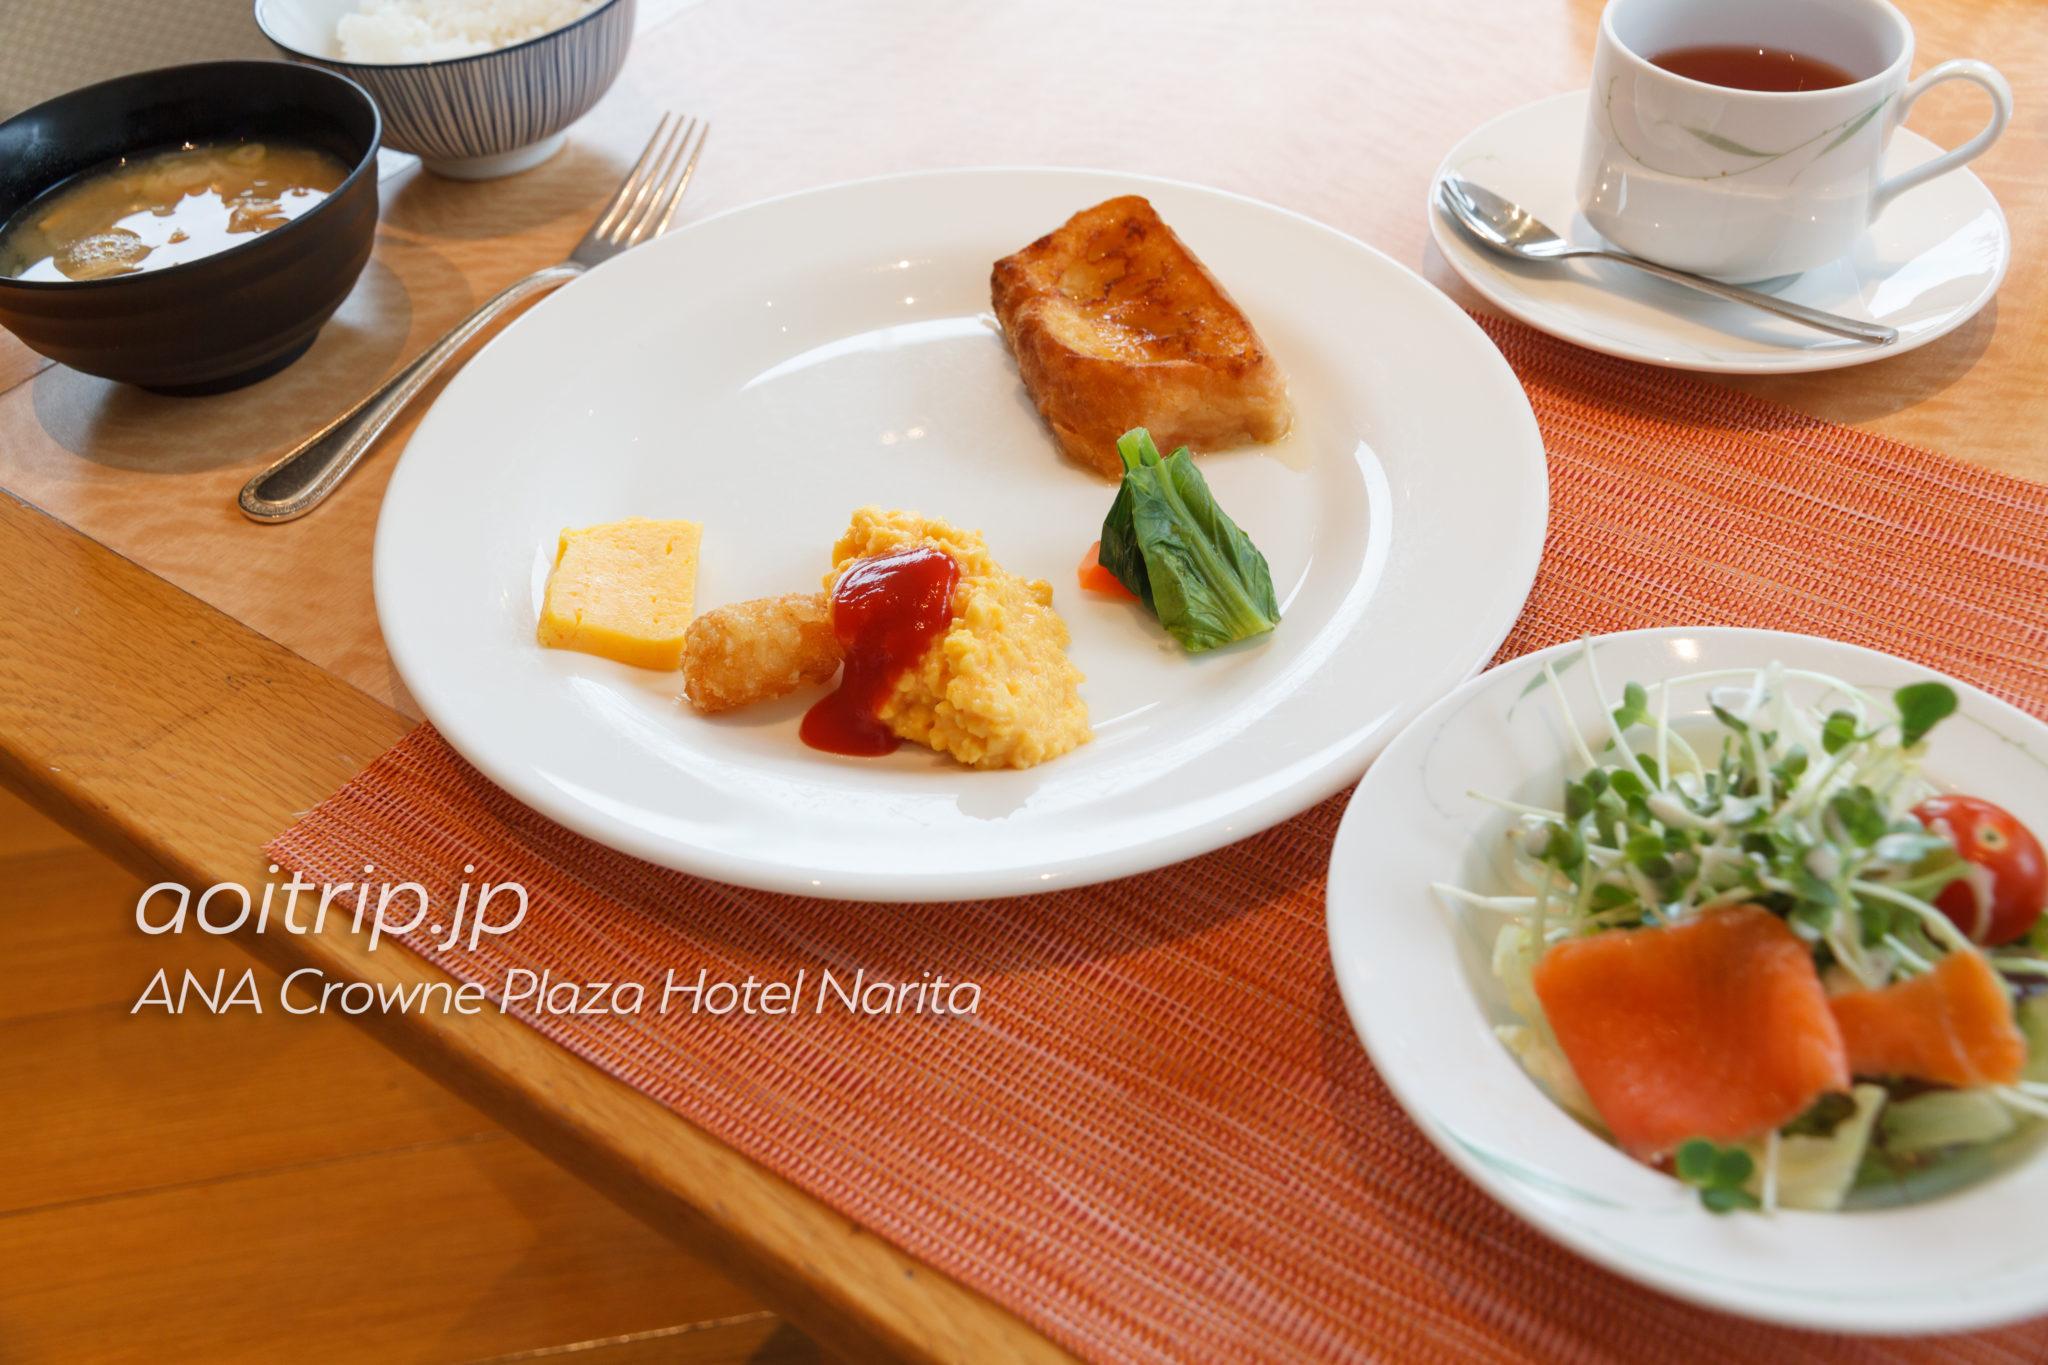 ANAクラウンプラザホテル成田の朝食